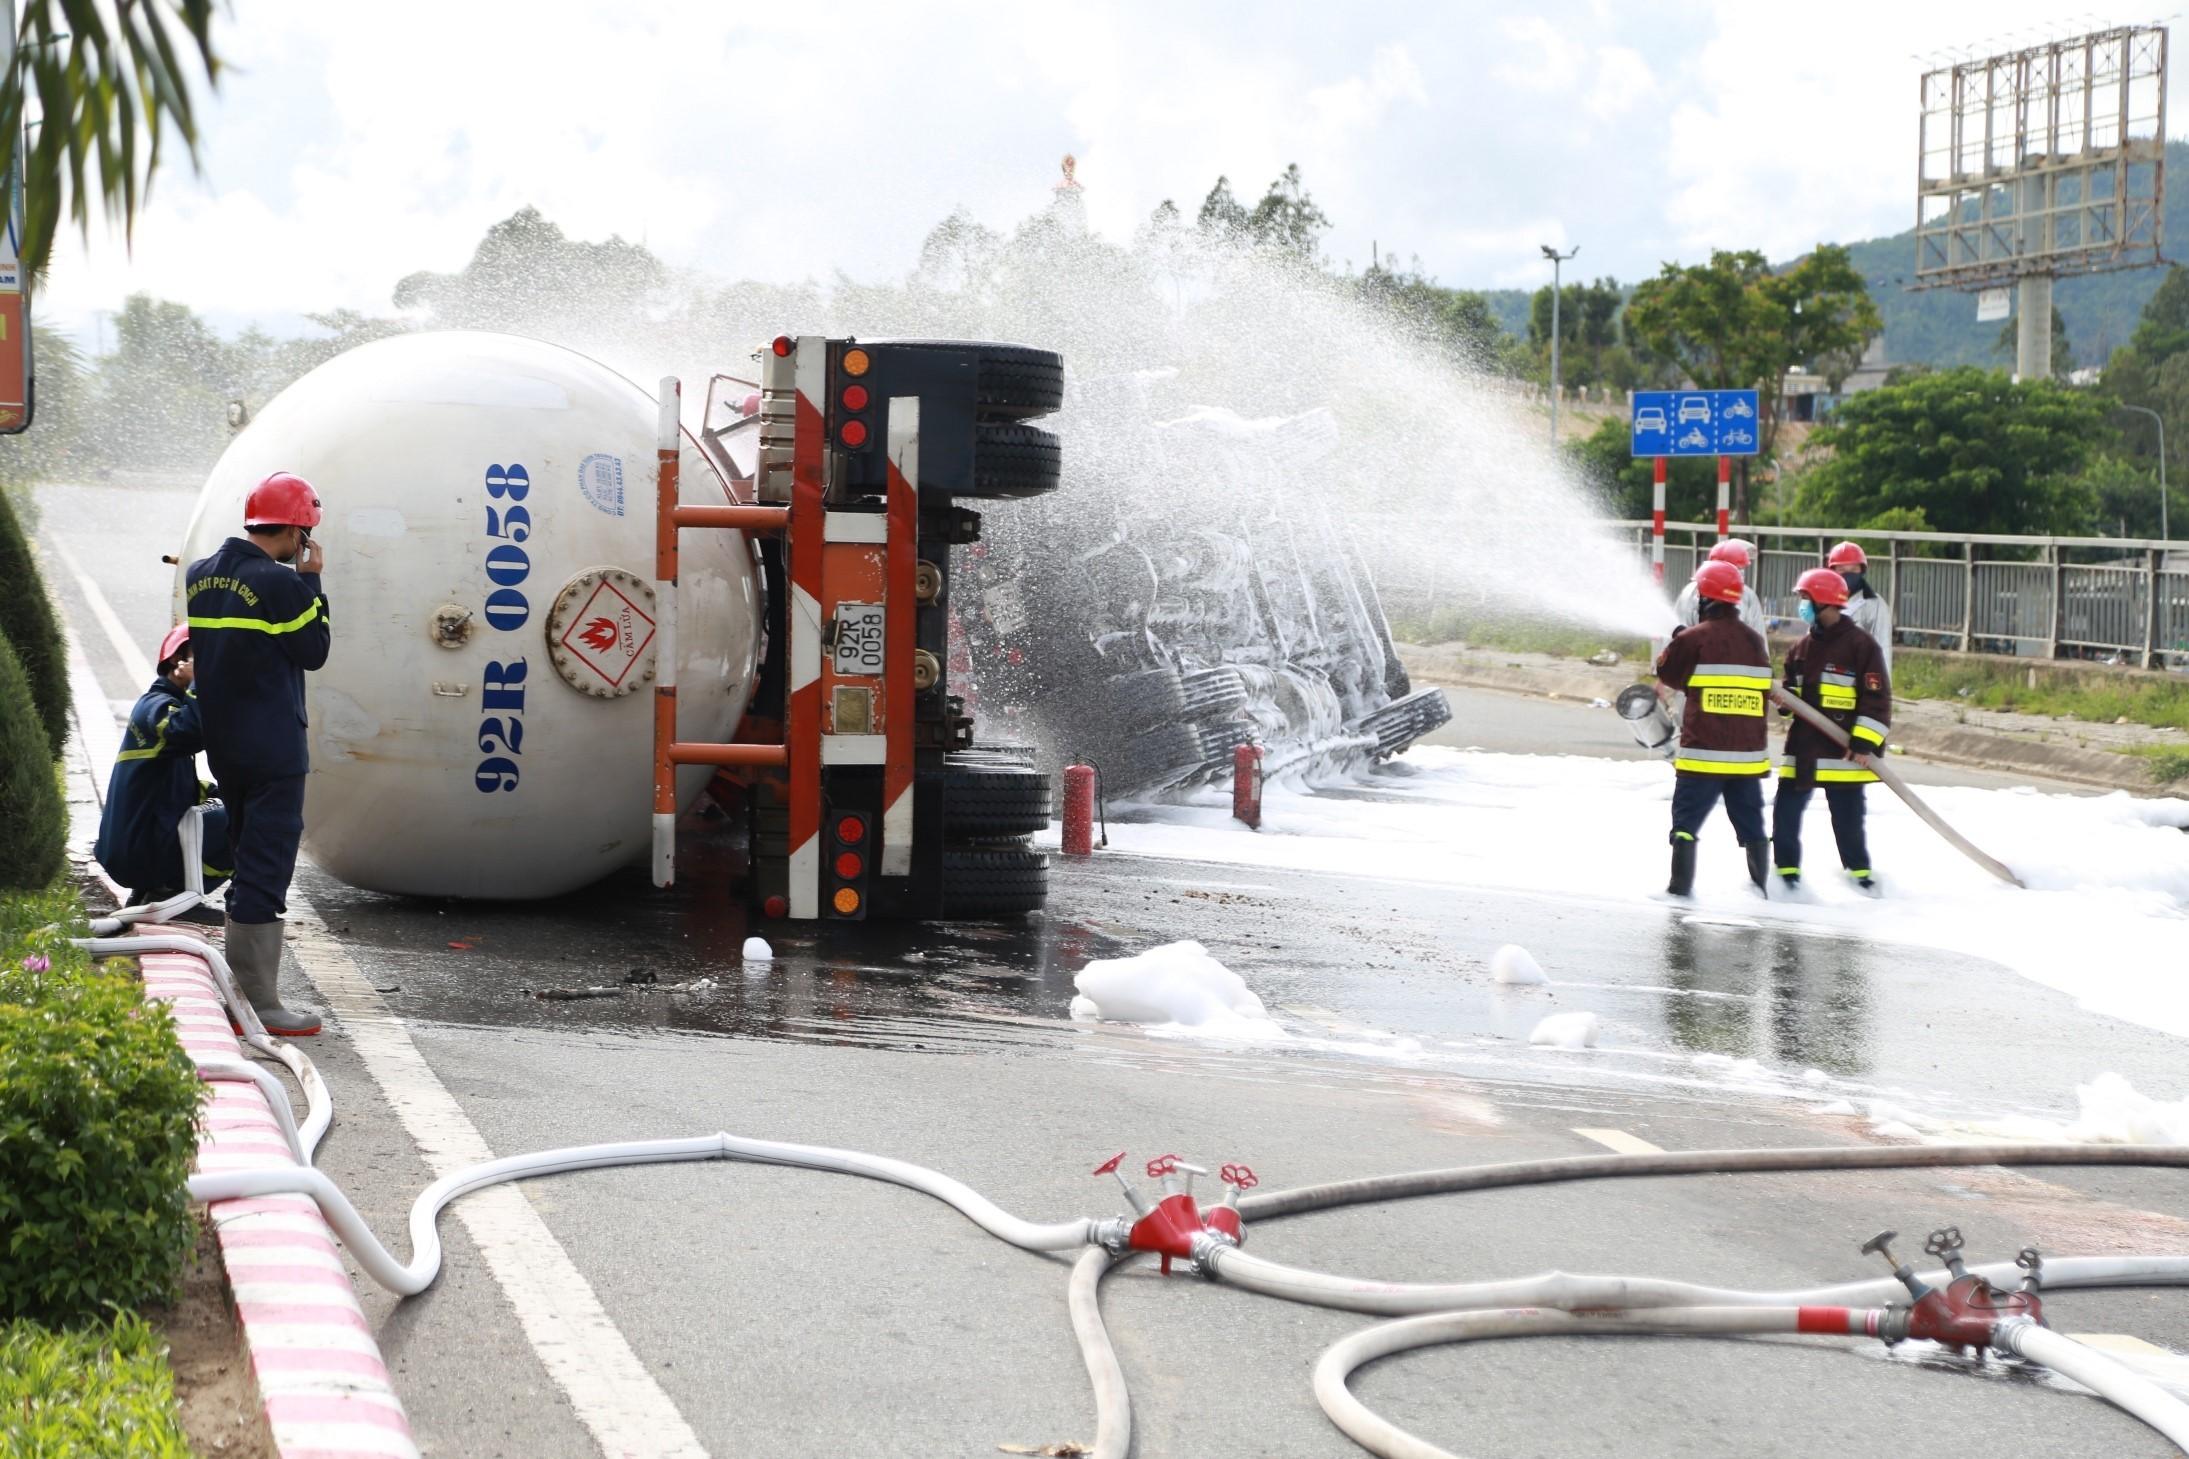 Xe chở 20 tấn gas bị lật ở Đà Nẵng, sẵn sàng di dân trong bán kính 100 mét